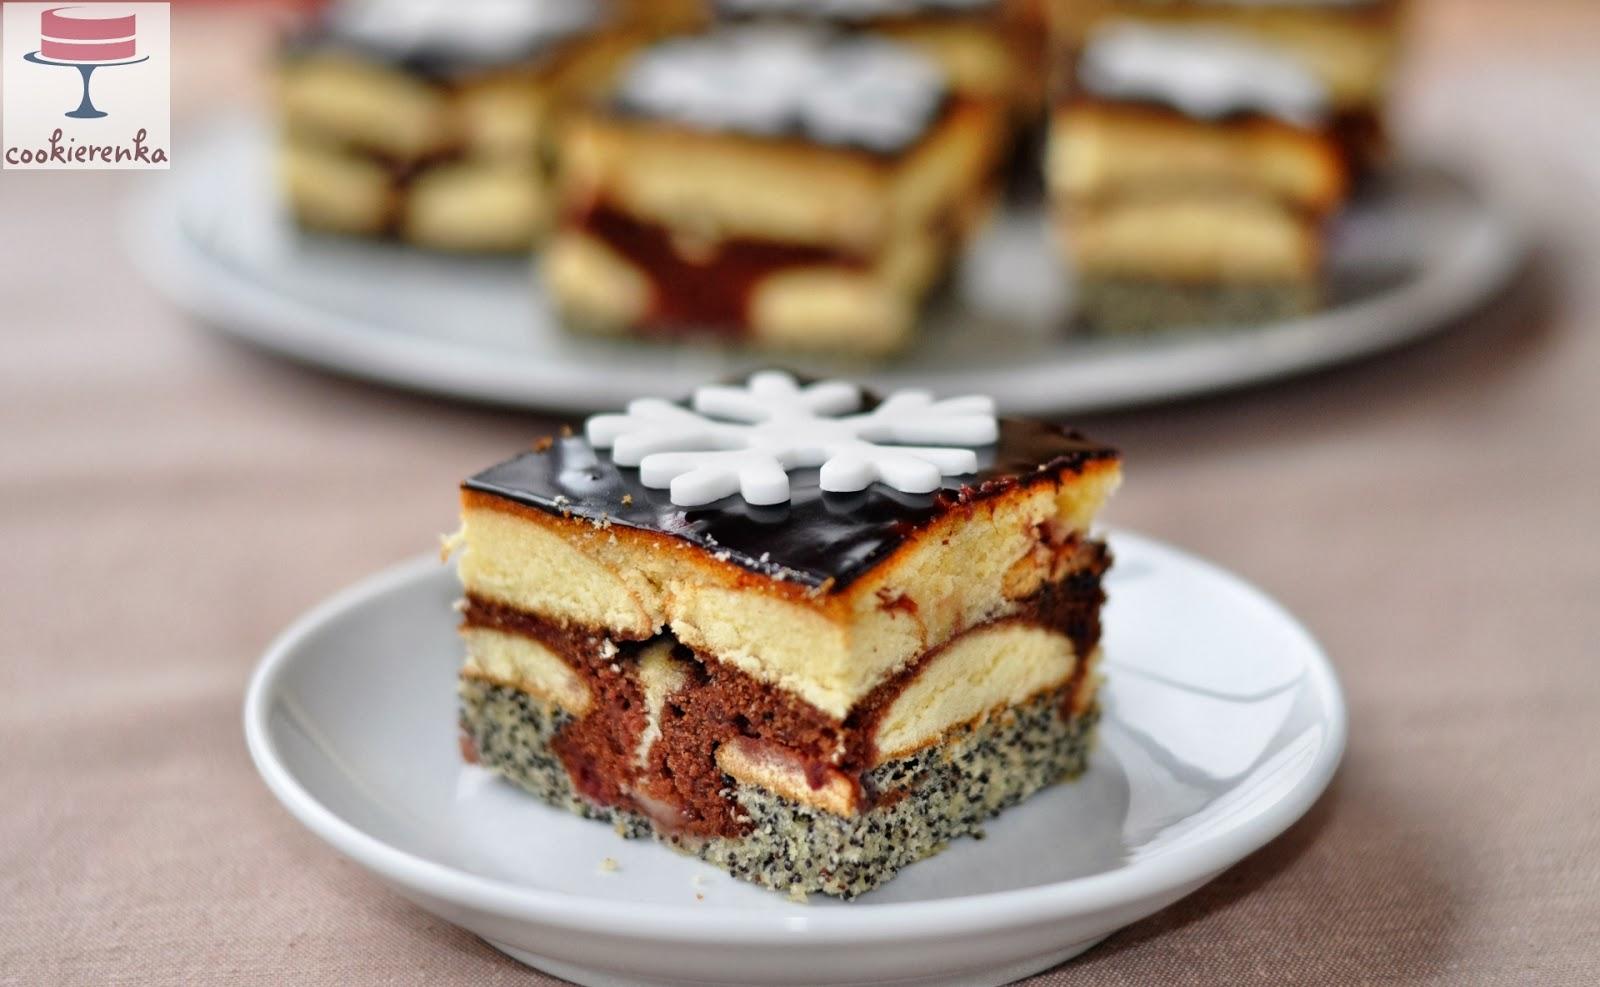 http://www.cookierenka.com/2013/12/ciasto-kantyczka.html